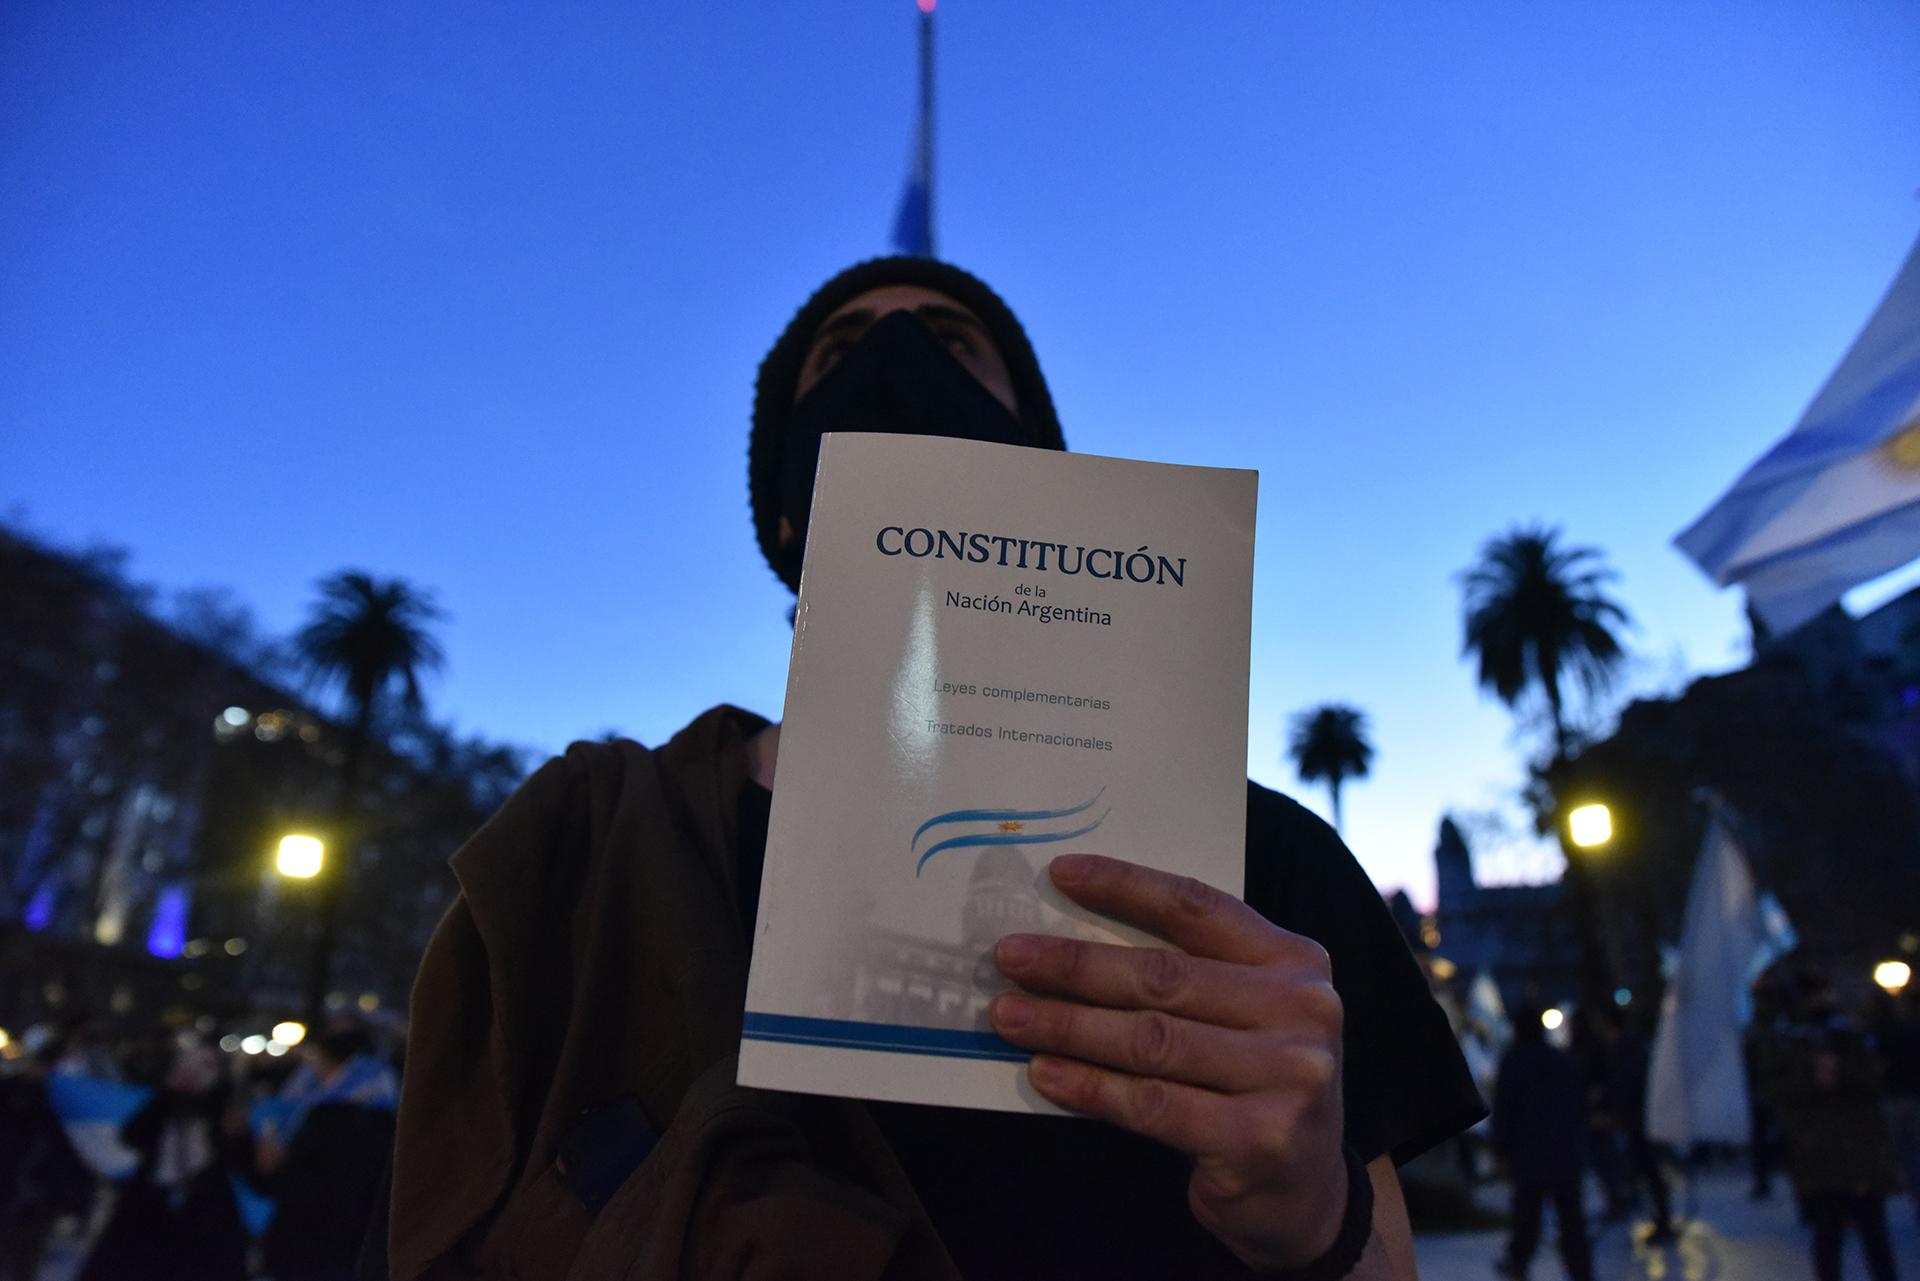 La defensa de la Constitución nacional fue uno de los puntos de la convocatoria